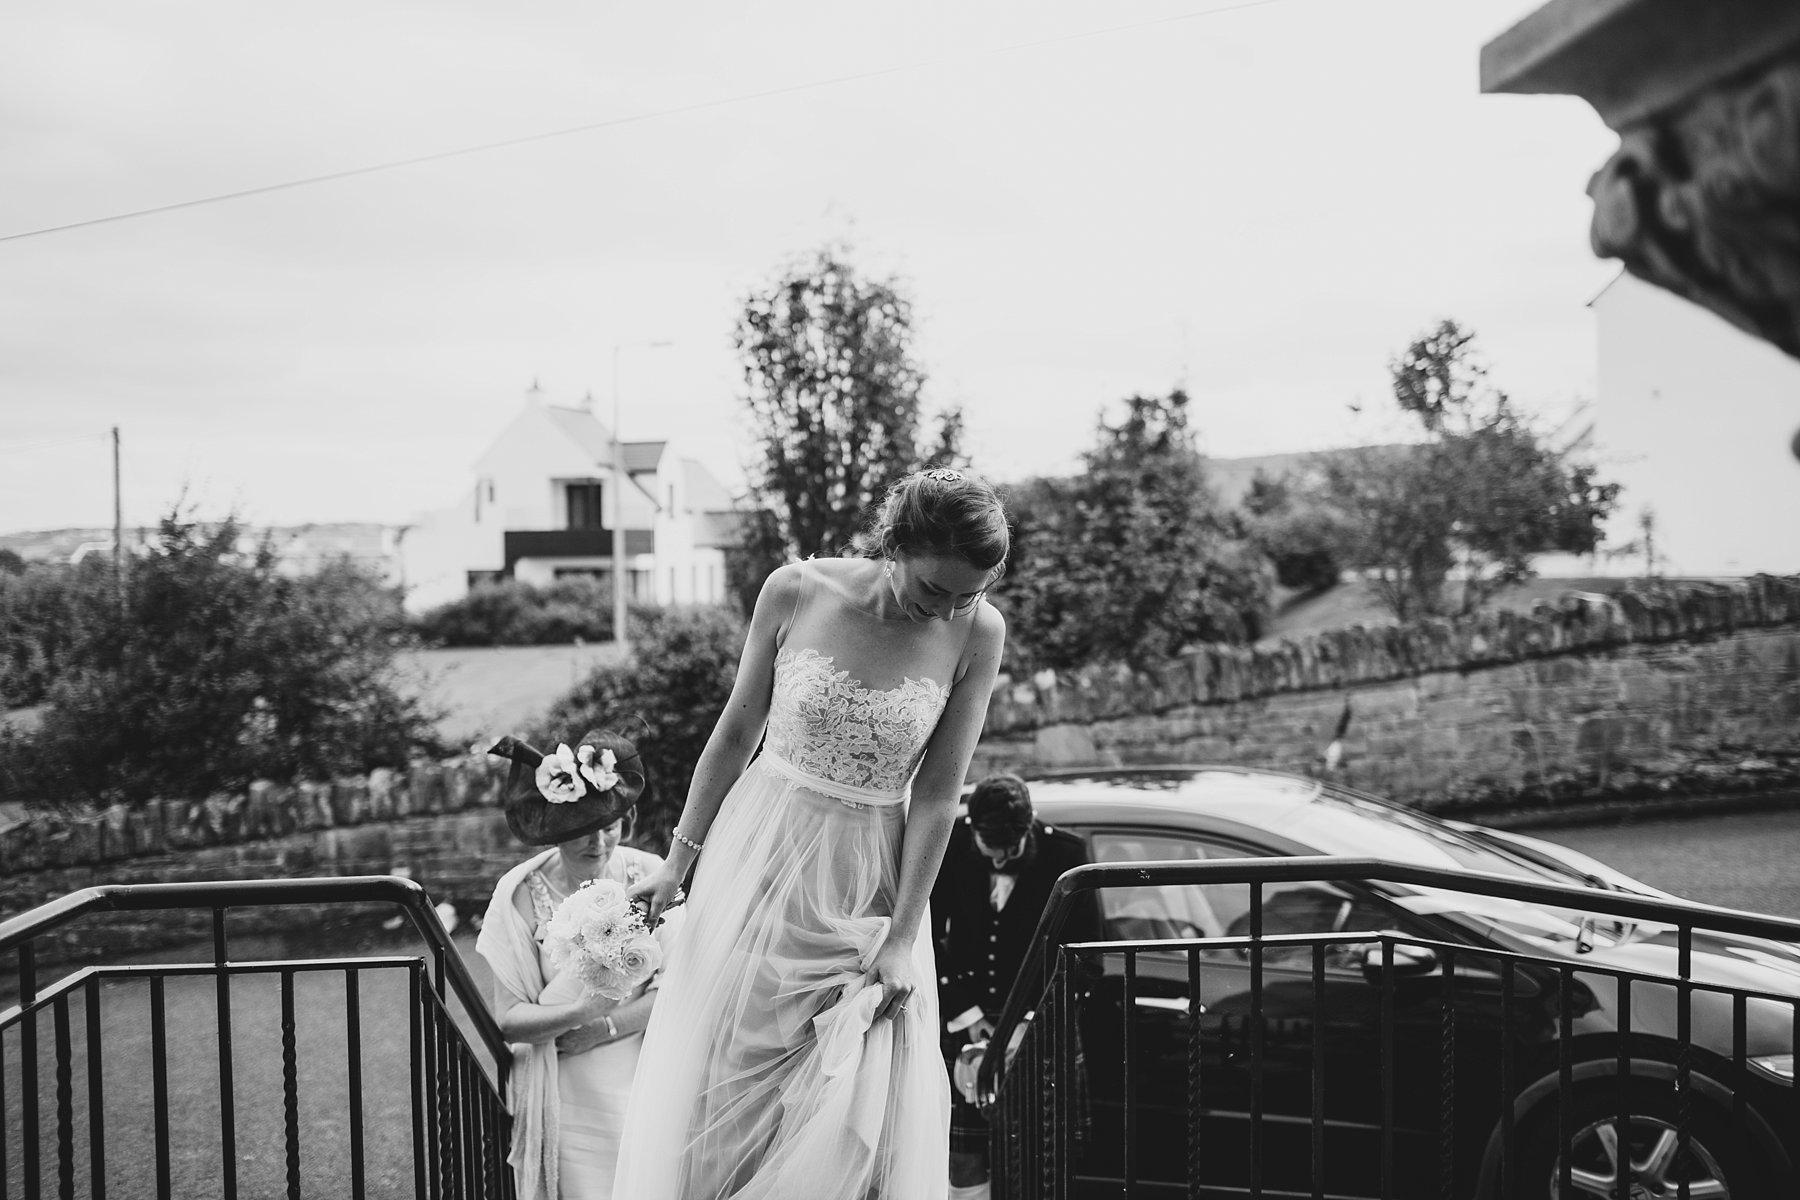 hornhead_donegak_elopement_weddings_0029